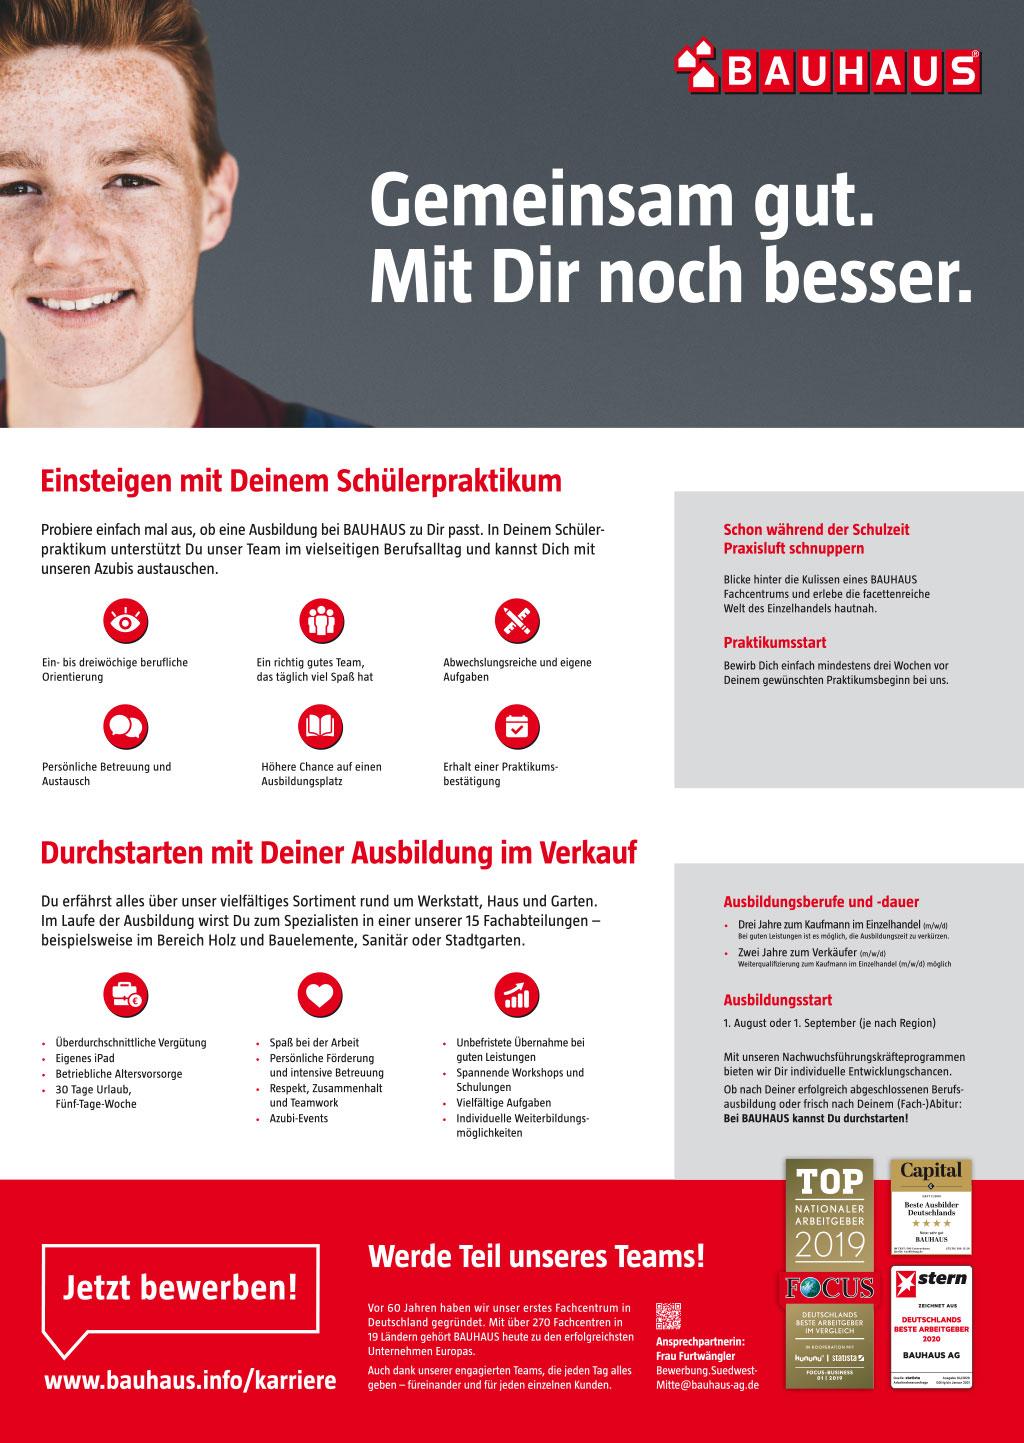 Ausbildungsplakat: BAUHAUS GmbH & Co. KG Hessen